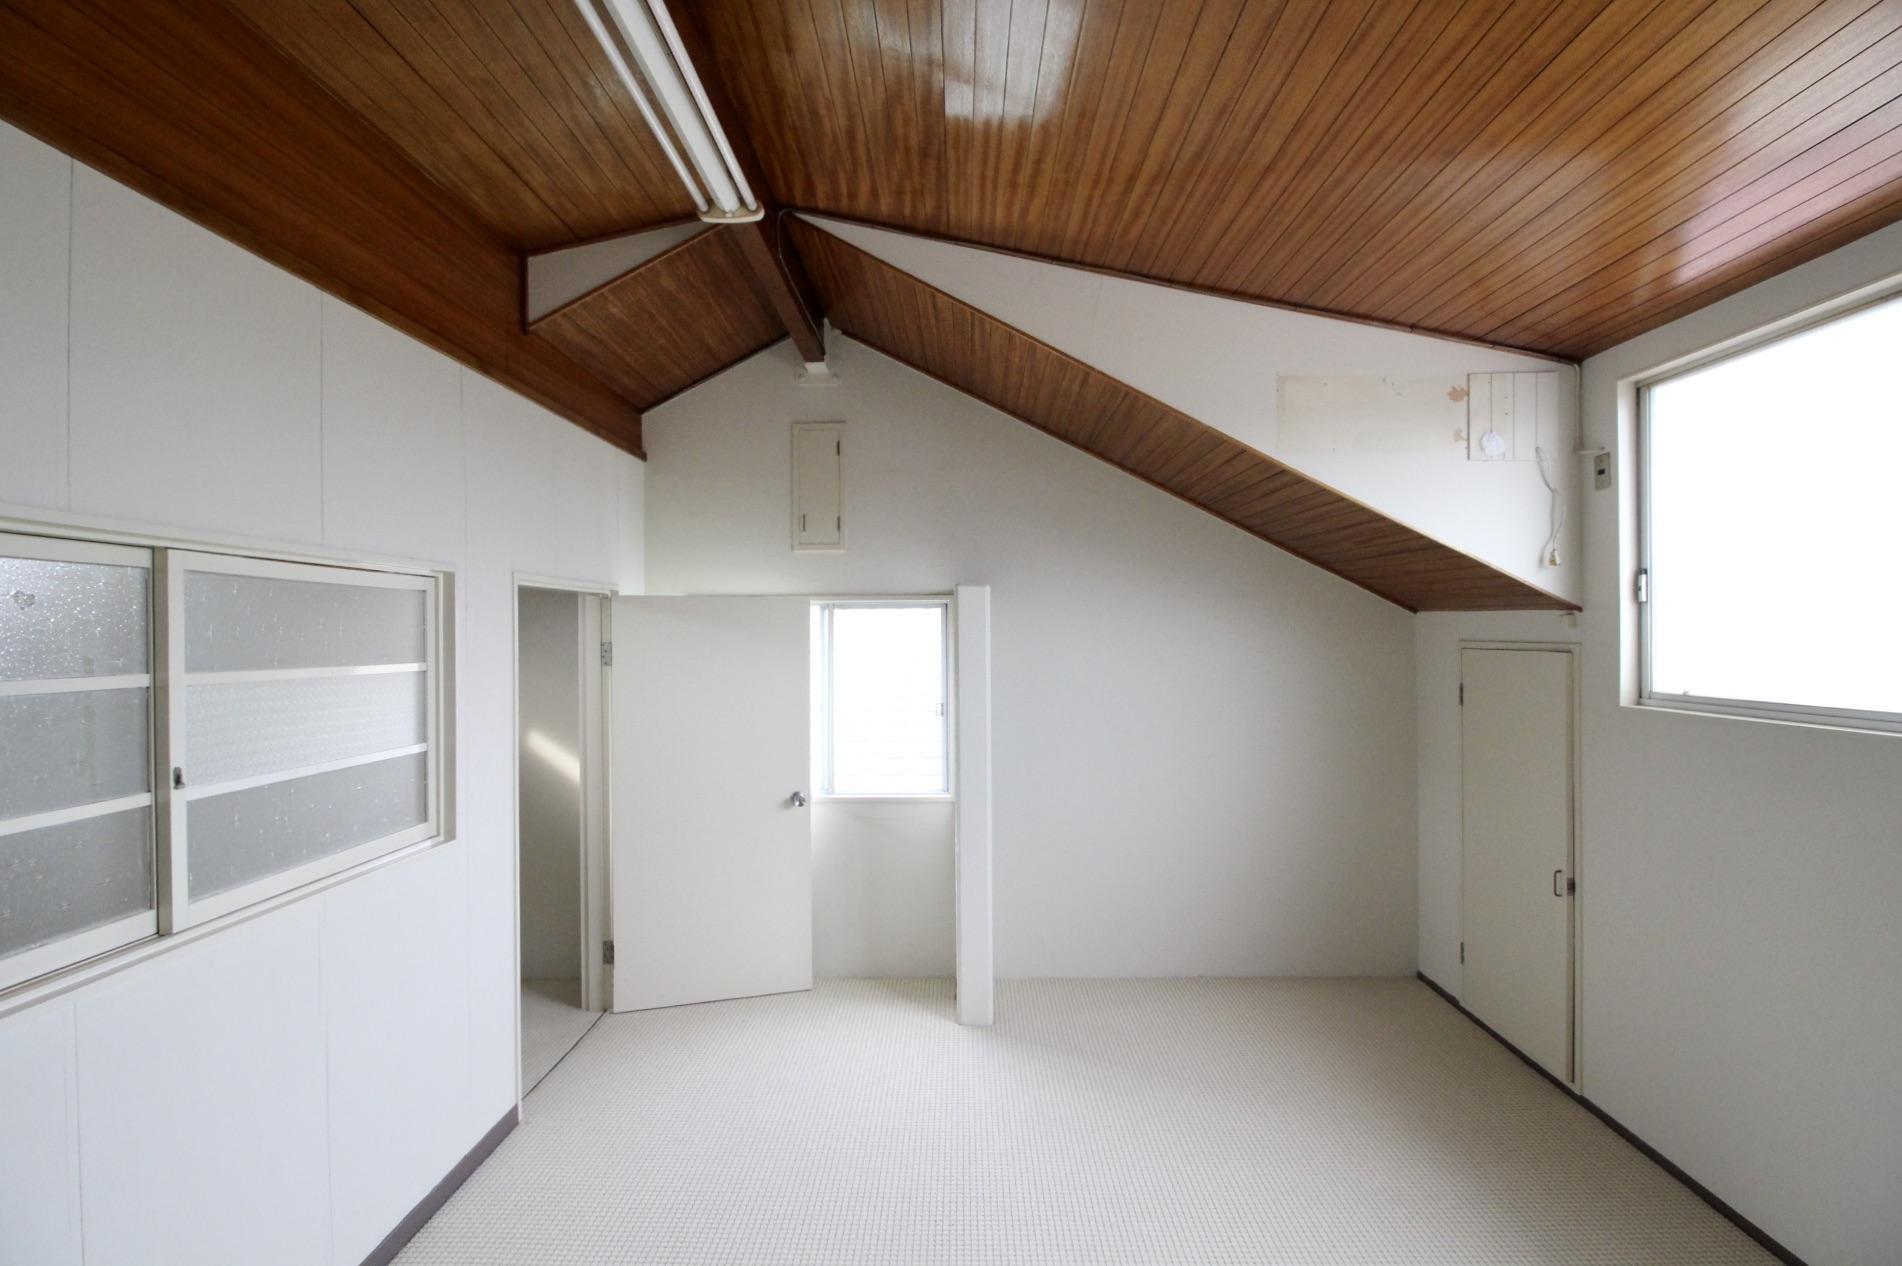 木造レトロなガーデンハウス -車庫付- (神戸市東灘区御影山手の物件) - 神戸R不動産